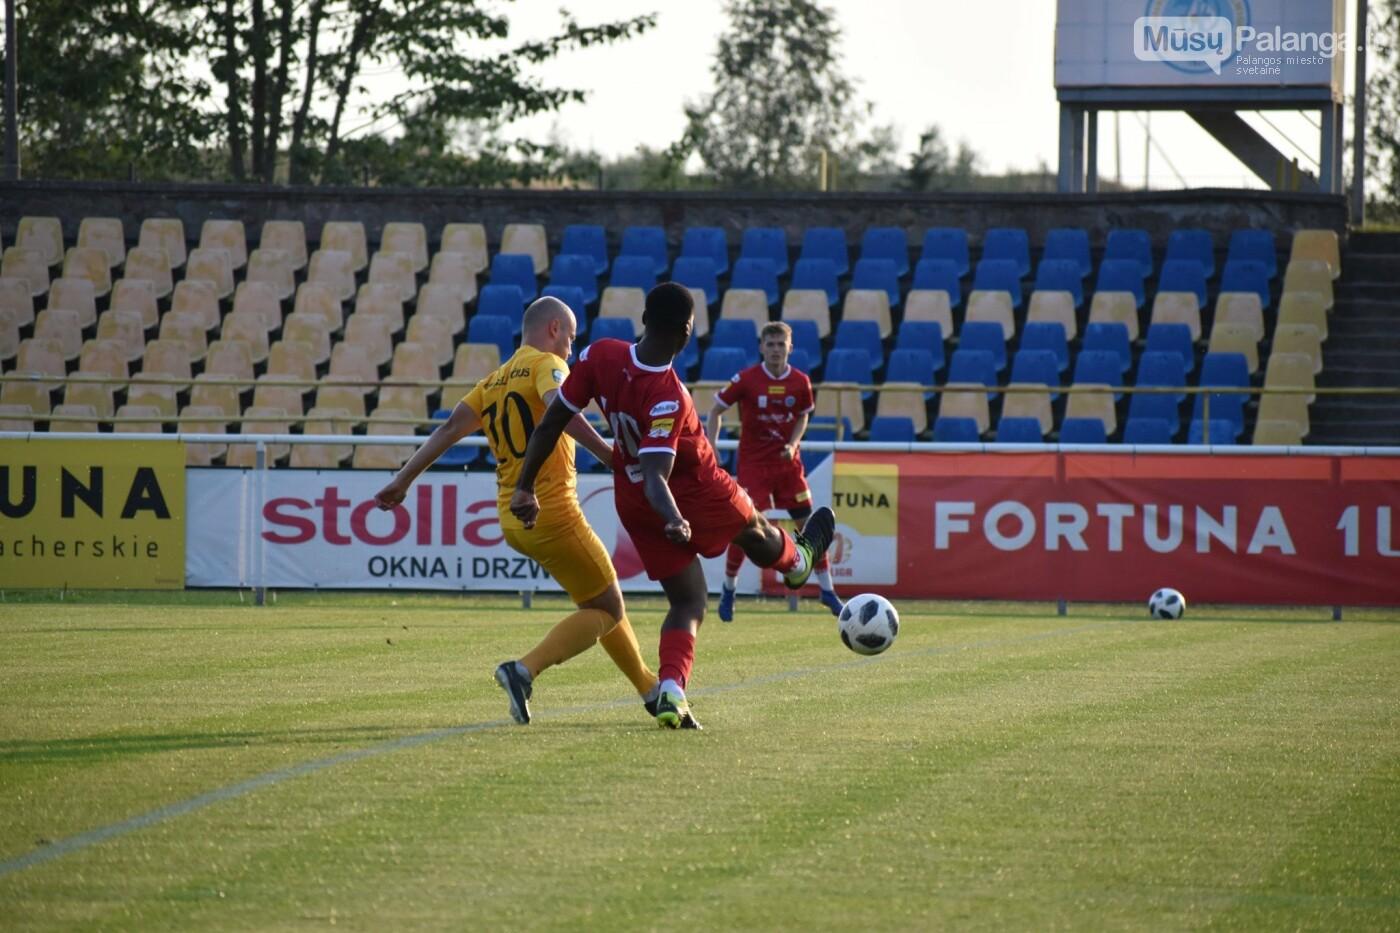 Kontrolinėse rungtynėse Lenkijoje – būrys peržiūroje dalyvaujančių futbolininkų bei naujas treneris, nuotrauka-39